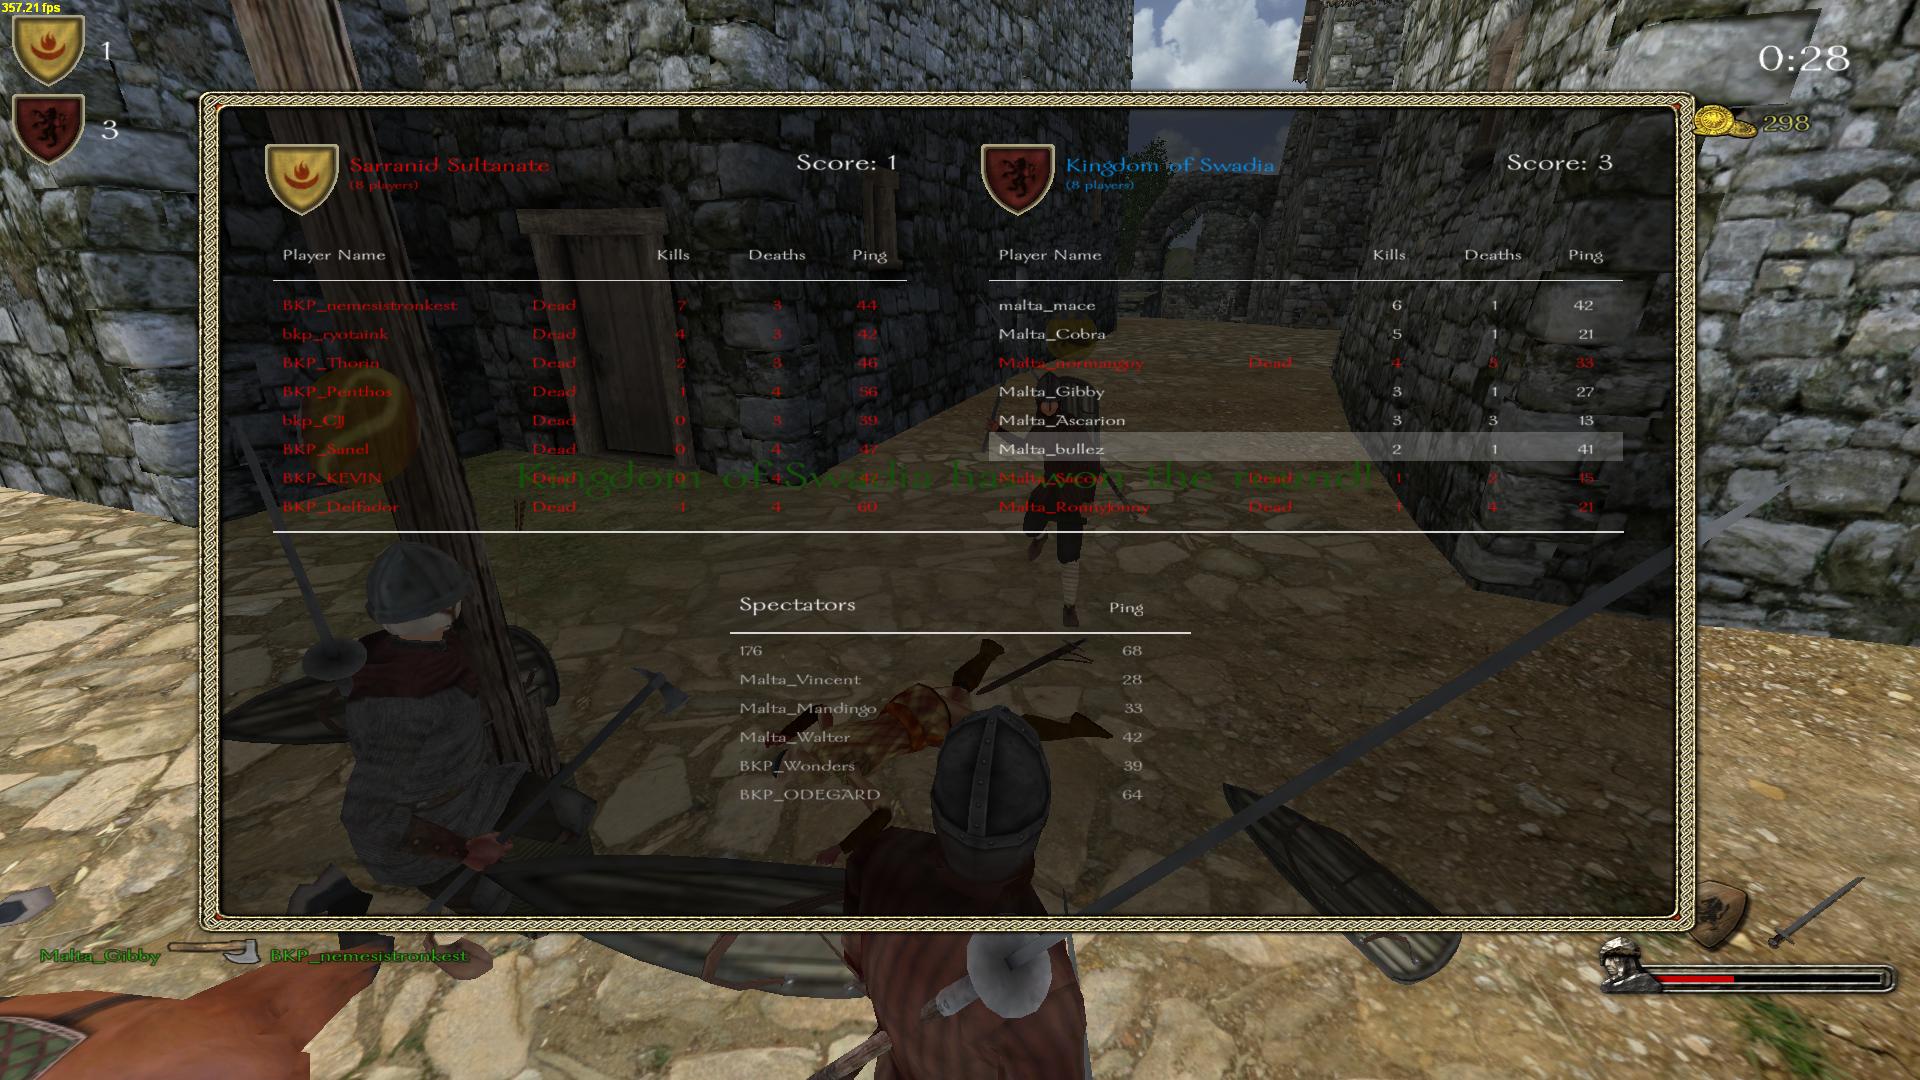 Mount-Blade-Warband-Screenshot-2021-05-19-21-28-01-59.png